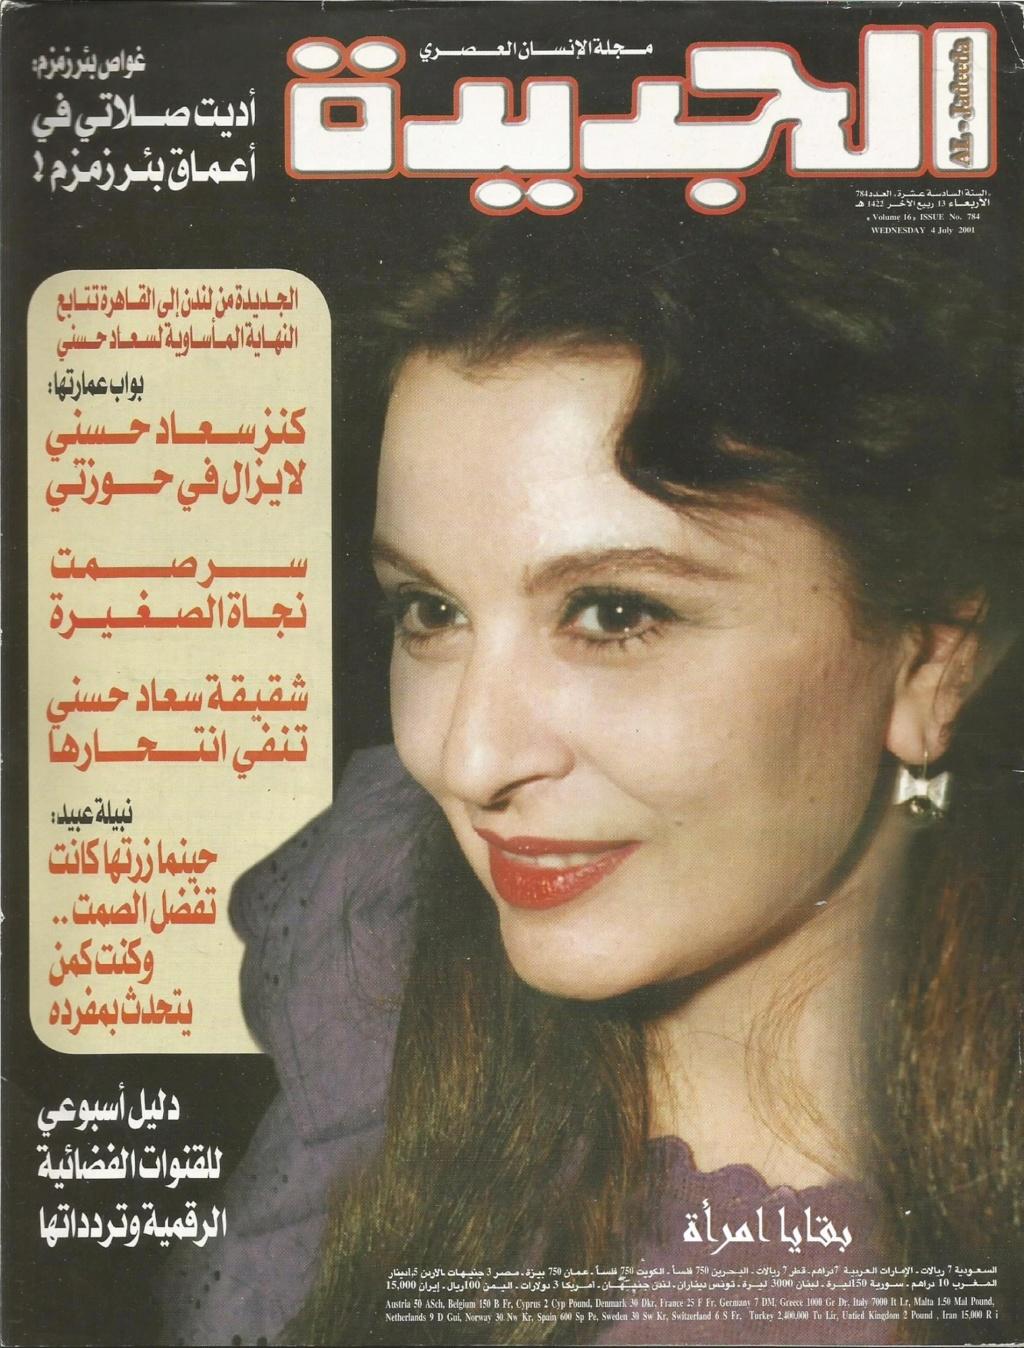 مقال - مقال صحفي : الجديدة من لندن إلى القاهرة تتابع النهاية المأساوية لسعاد حسني 2001 م 1220